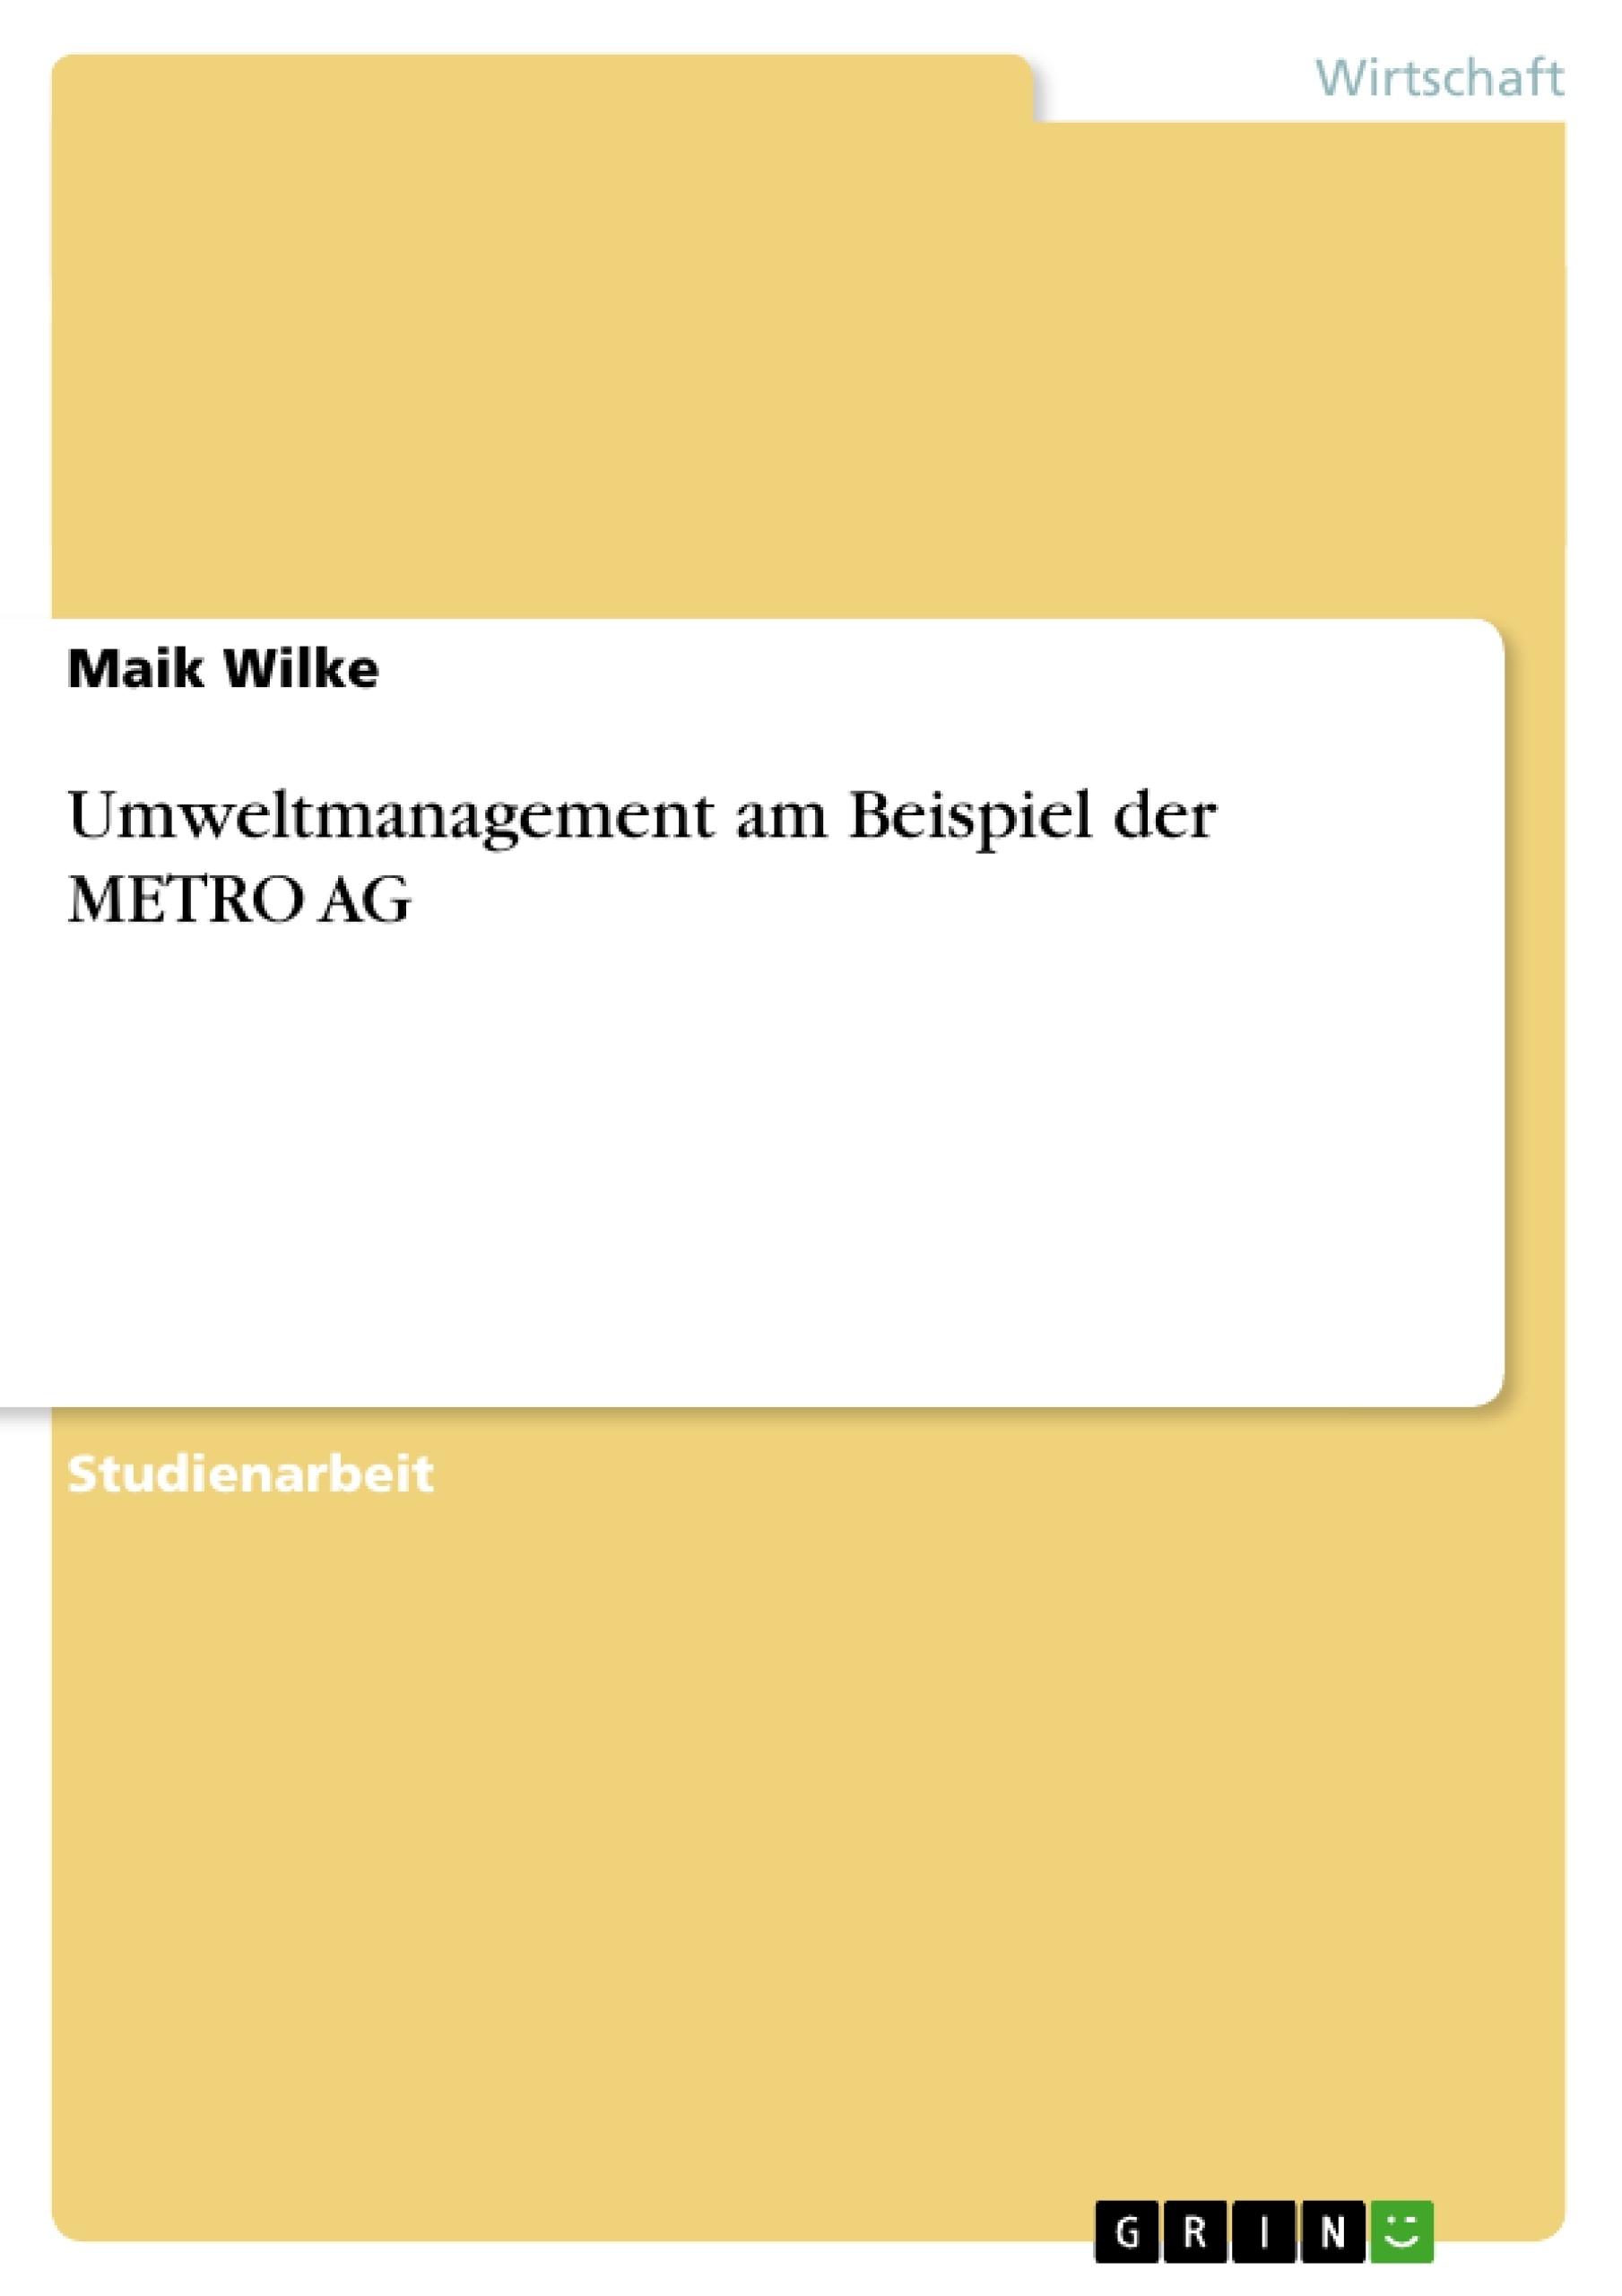 Titel: Umweltmanagement am Beispiel der METRO AG